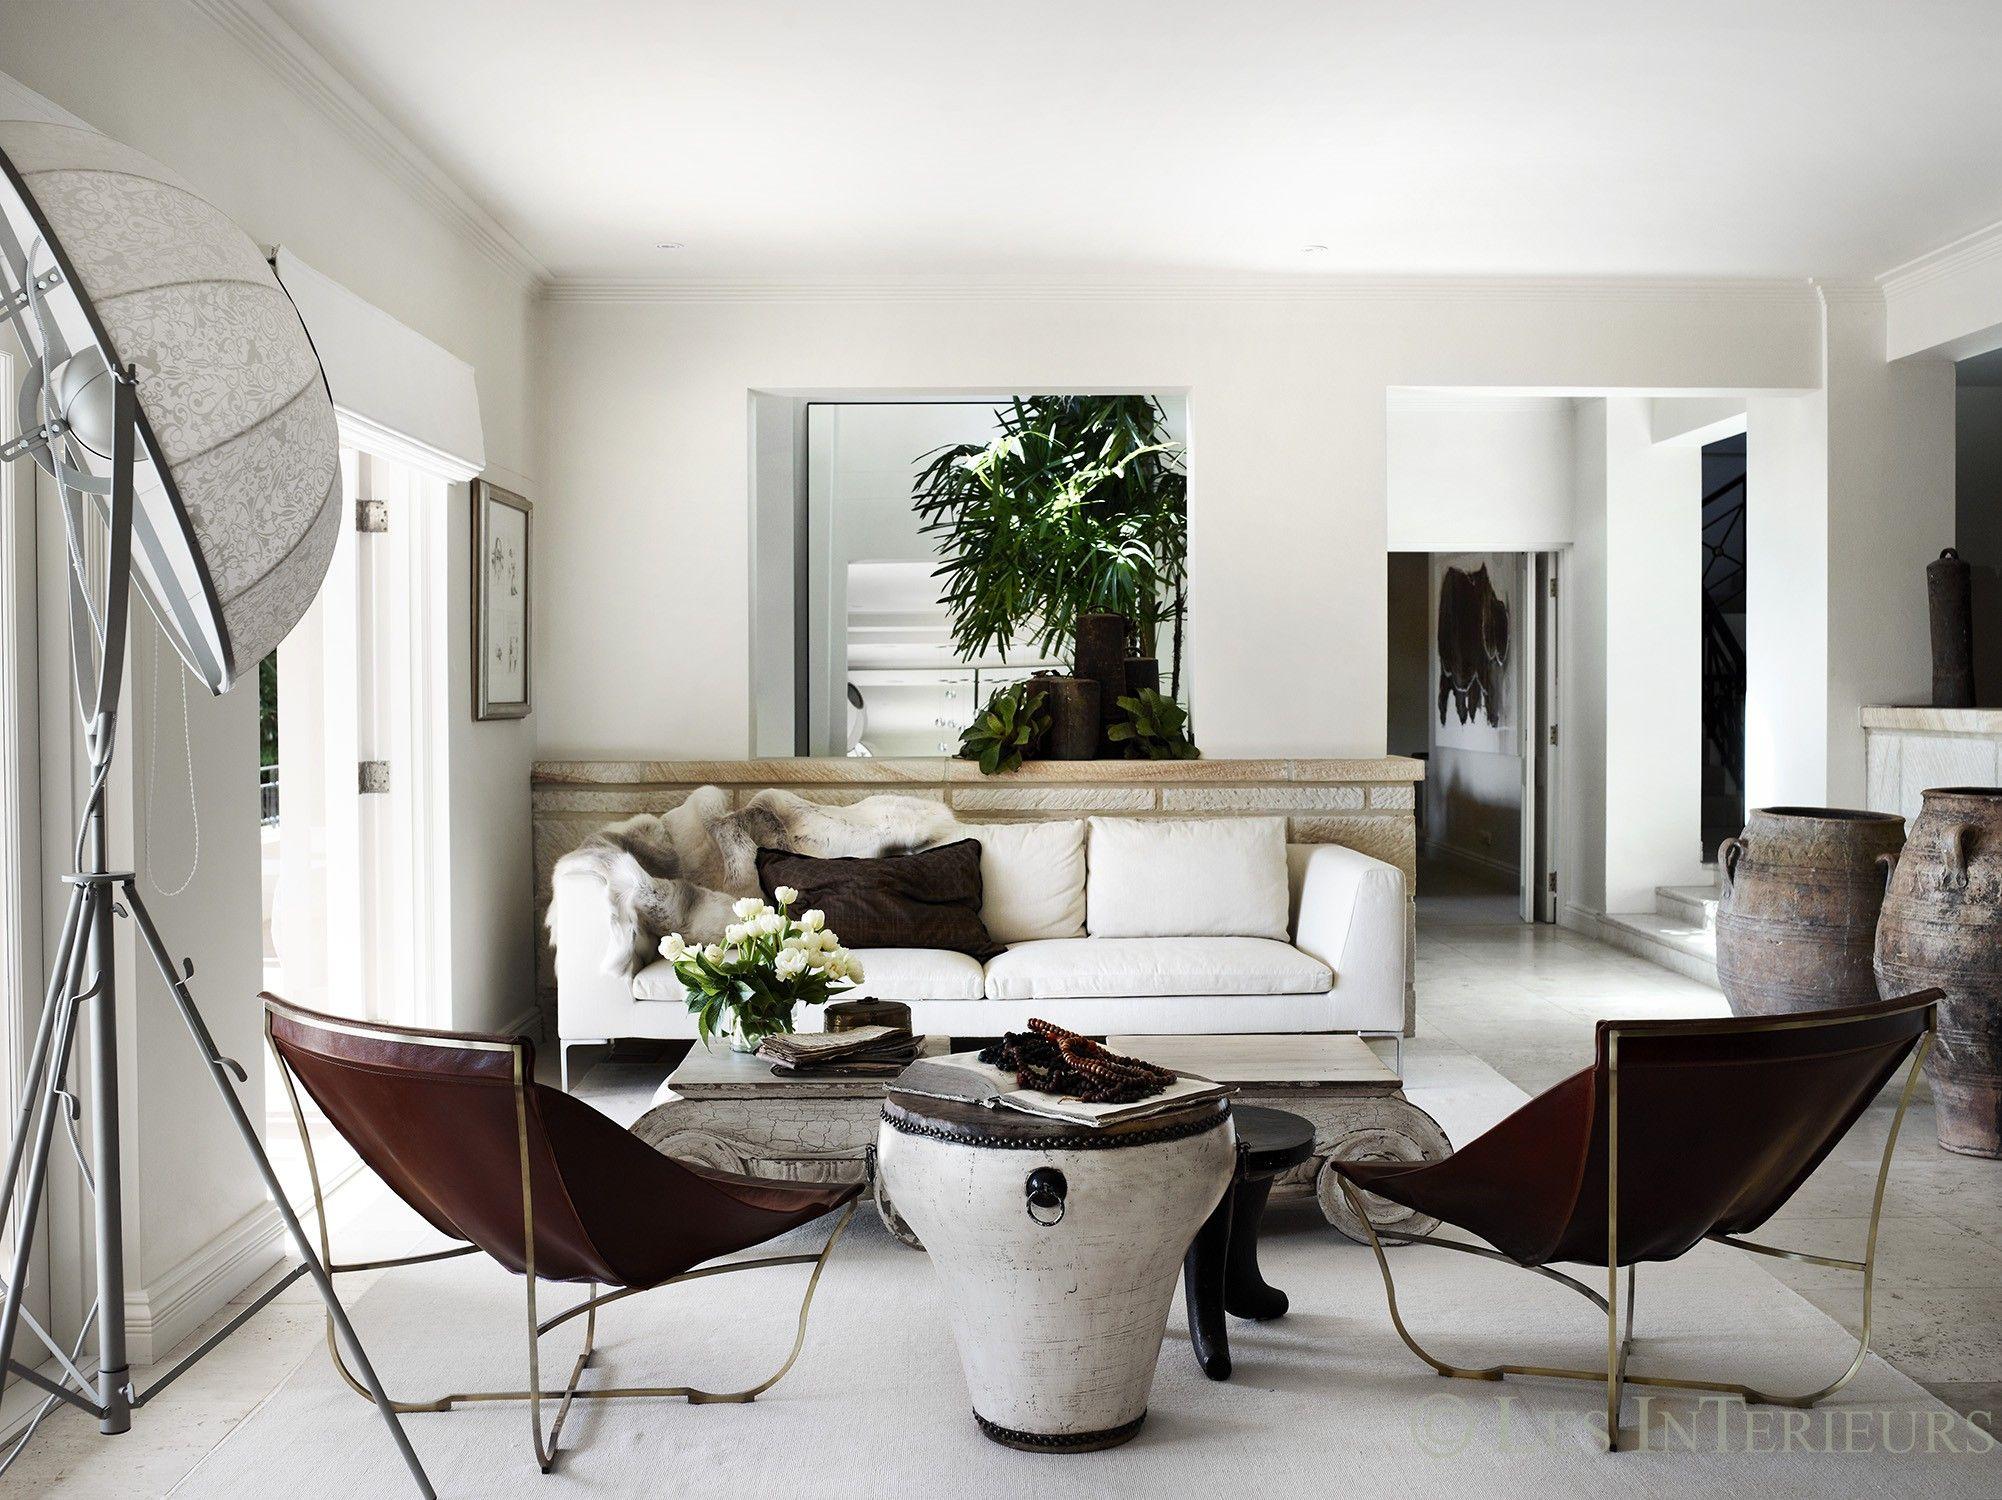 Les Interieurs, Interior Design by Pamela Makin, Sydney   Les ...